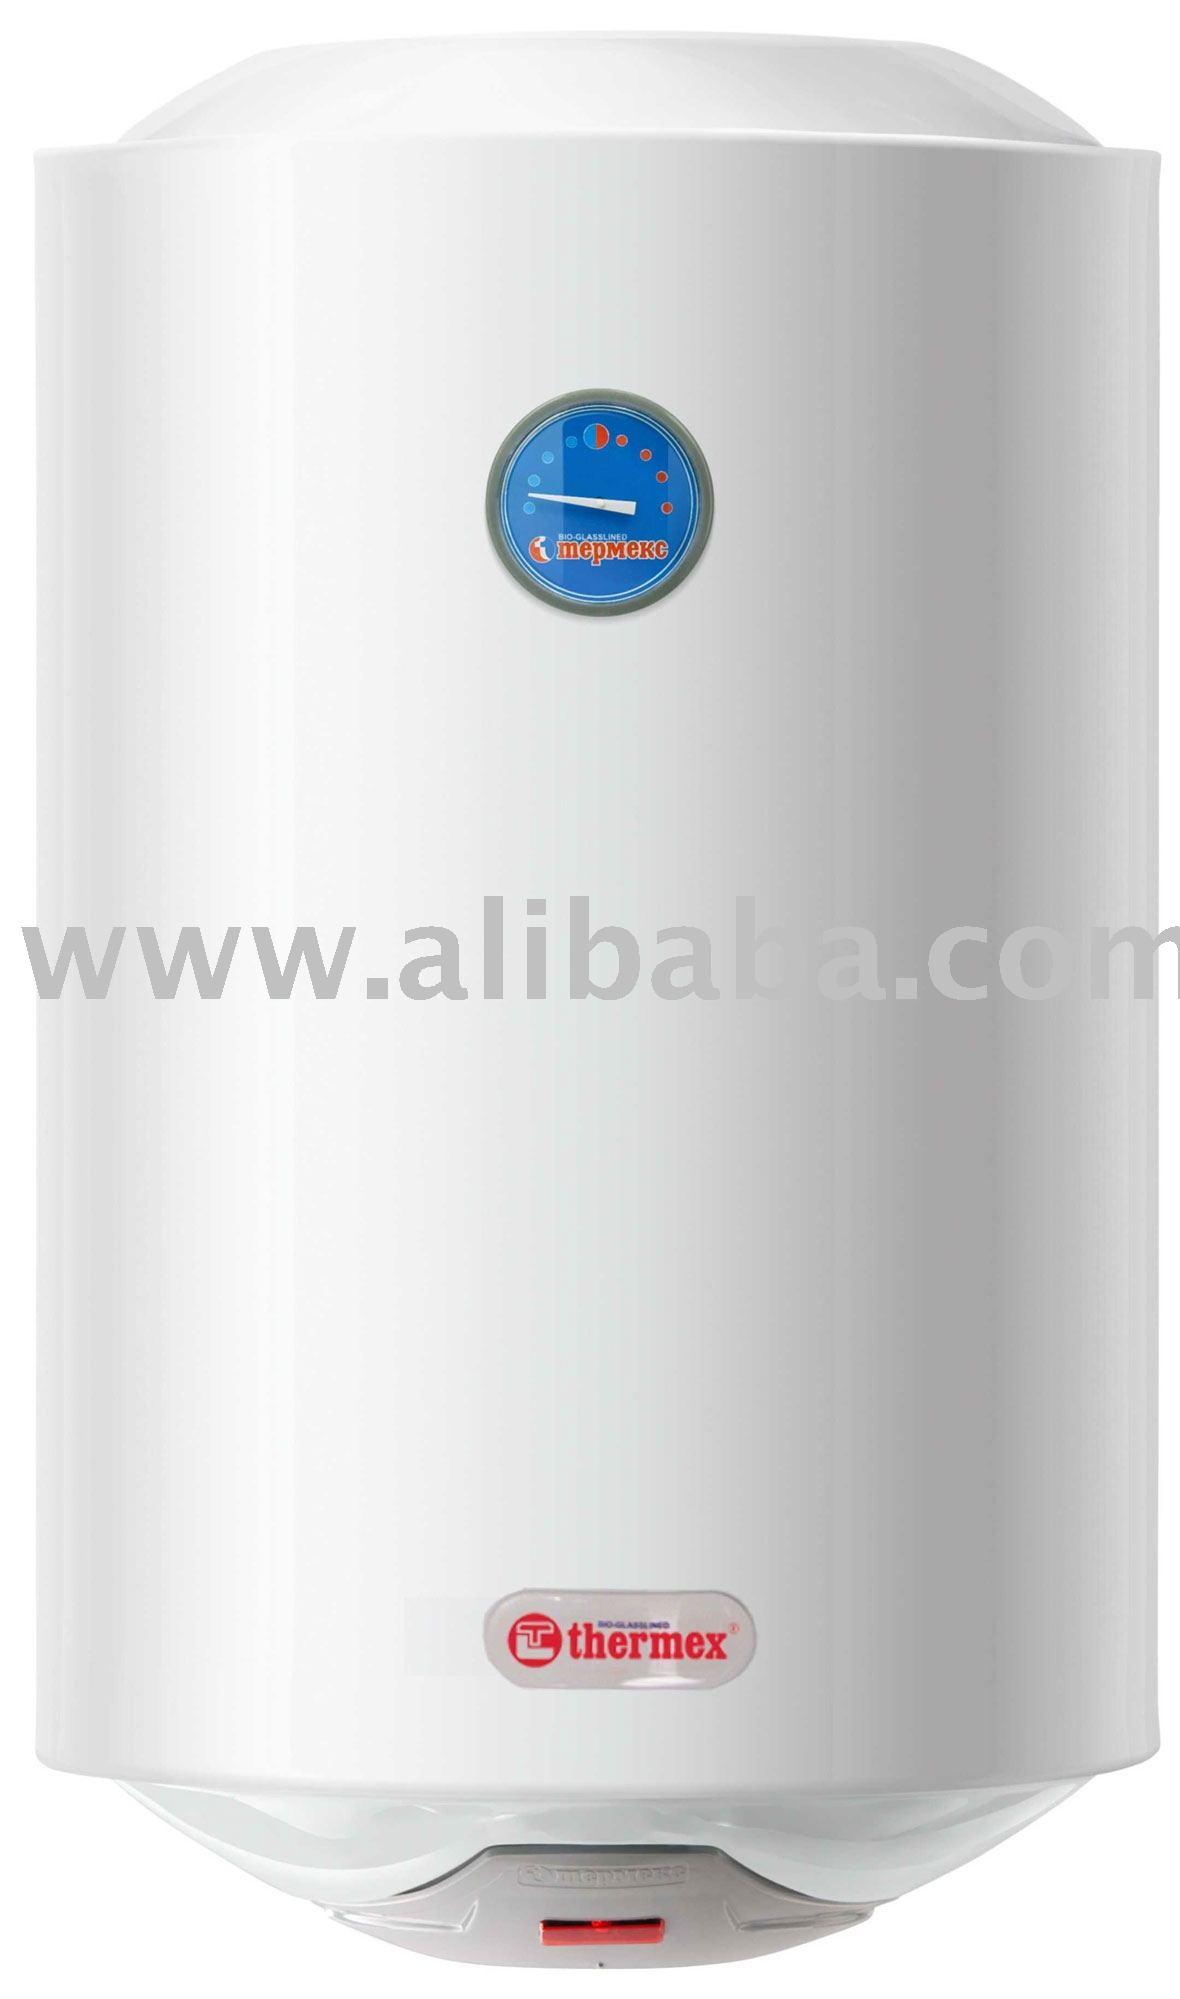 Thermex almacenamiento el ctrico calentador de agua - Calentador electrico de agua precio ...